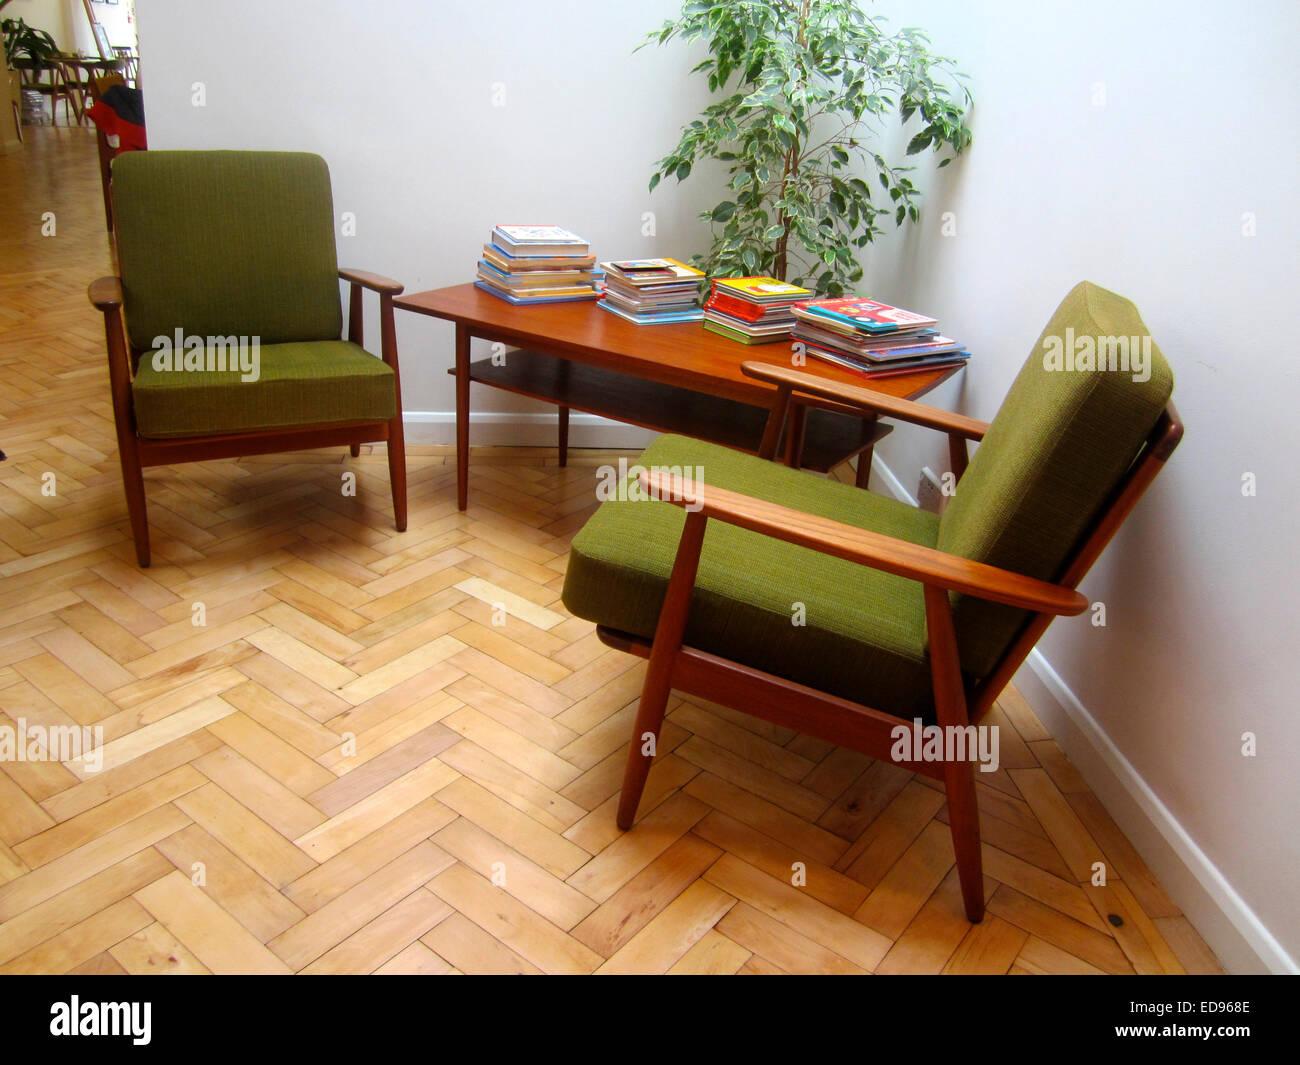 Interno del blend cafe haringey Londra con mobili danesi Immagini Stock